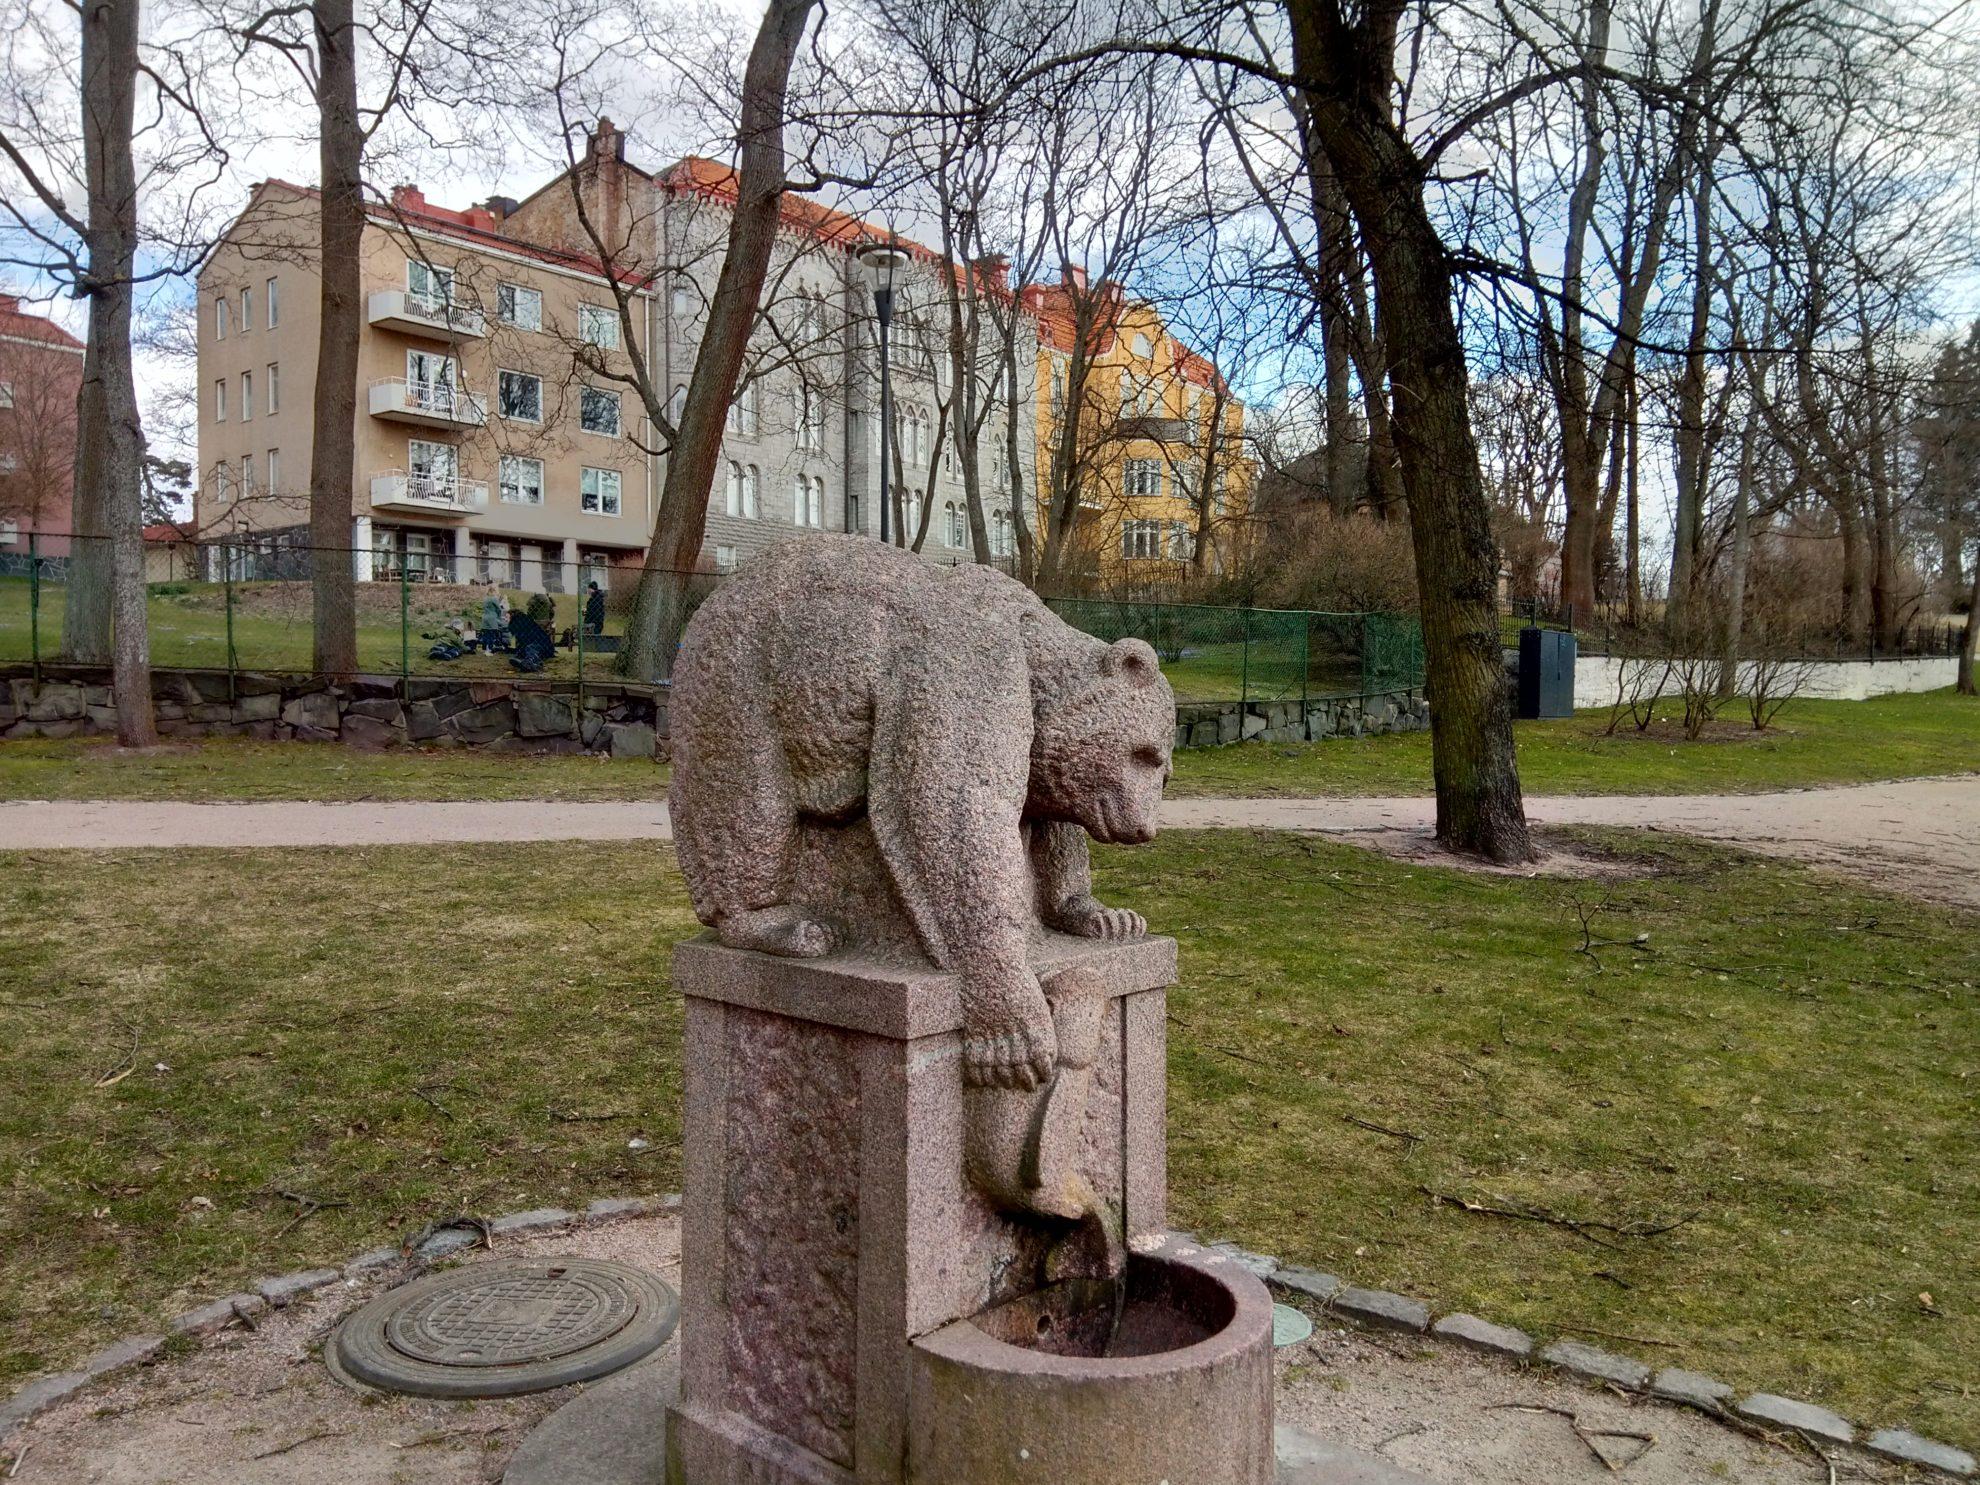 ヘルシンキで人気の大きな公園、カイヴォプイストにあるヒグマの像